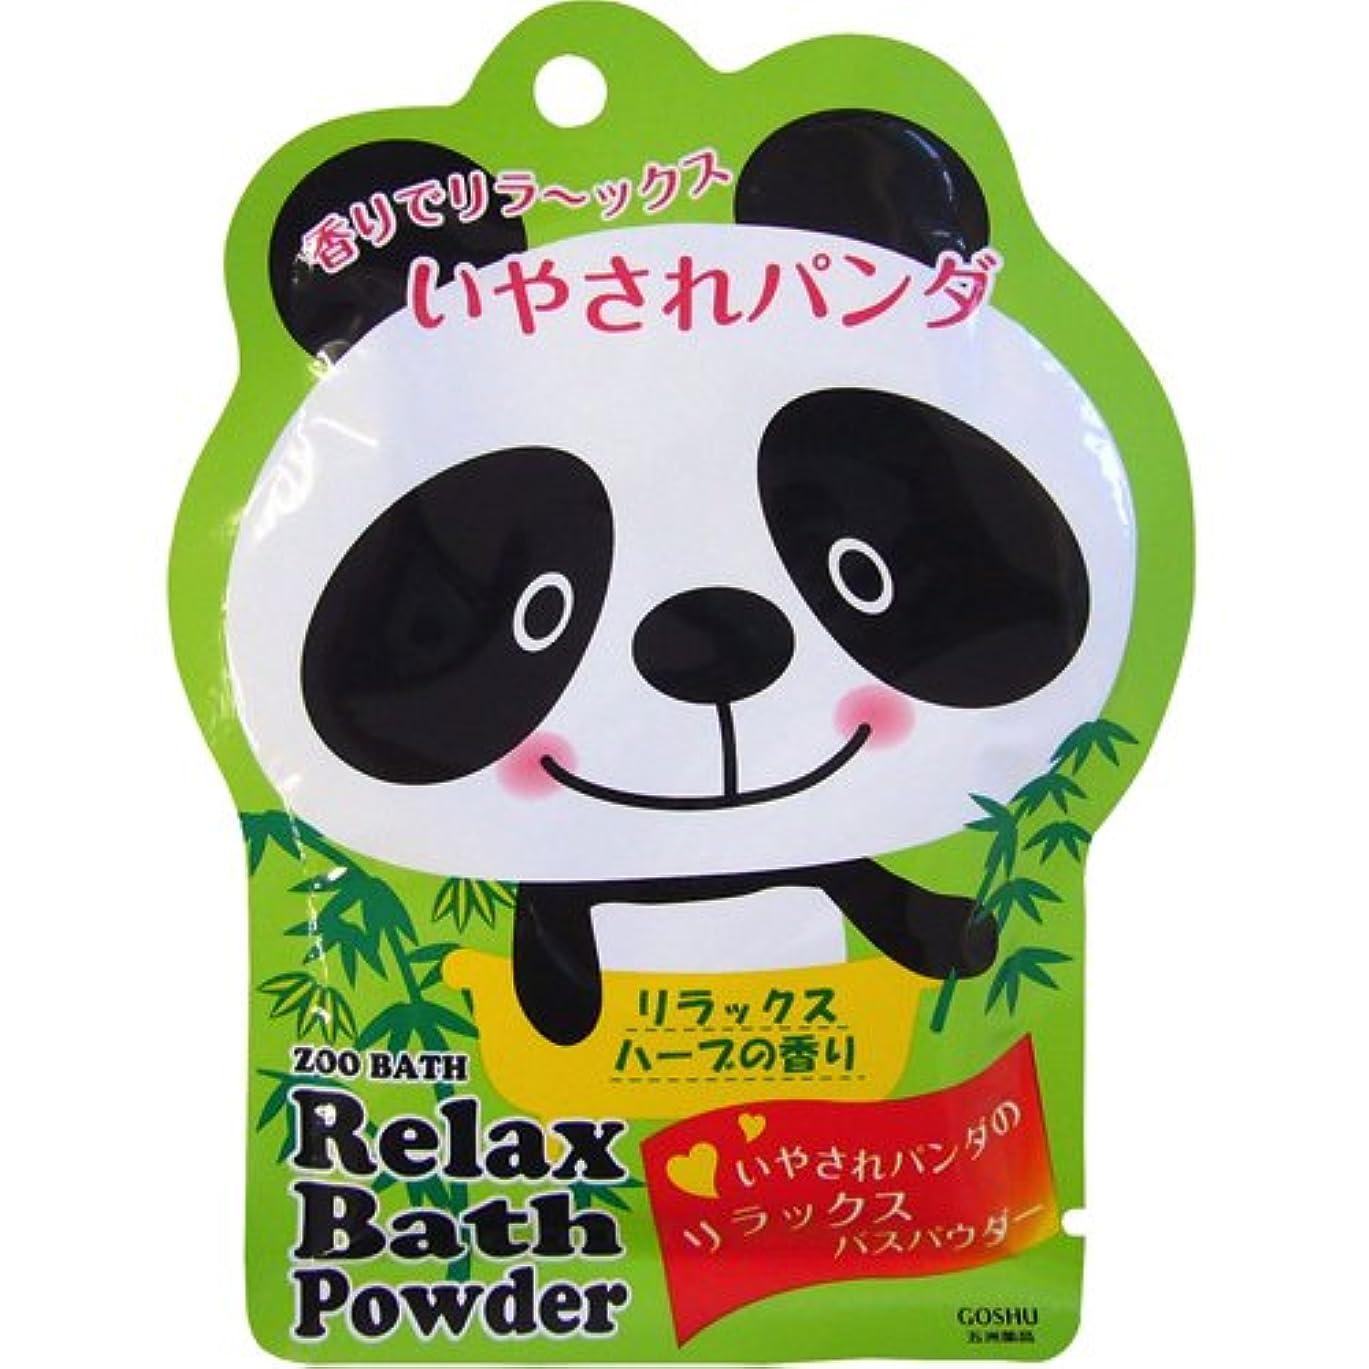 性交豆注入する五洲薬品(株) ズーバス パンダ バスパウダー リラックスハーブの香り 50g